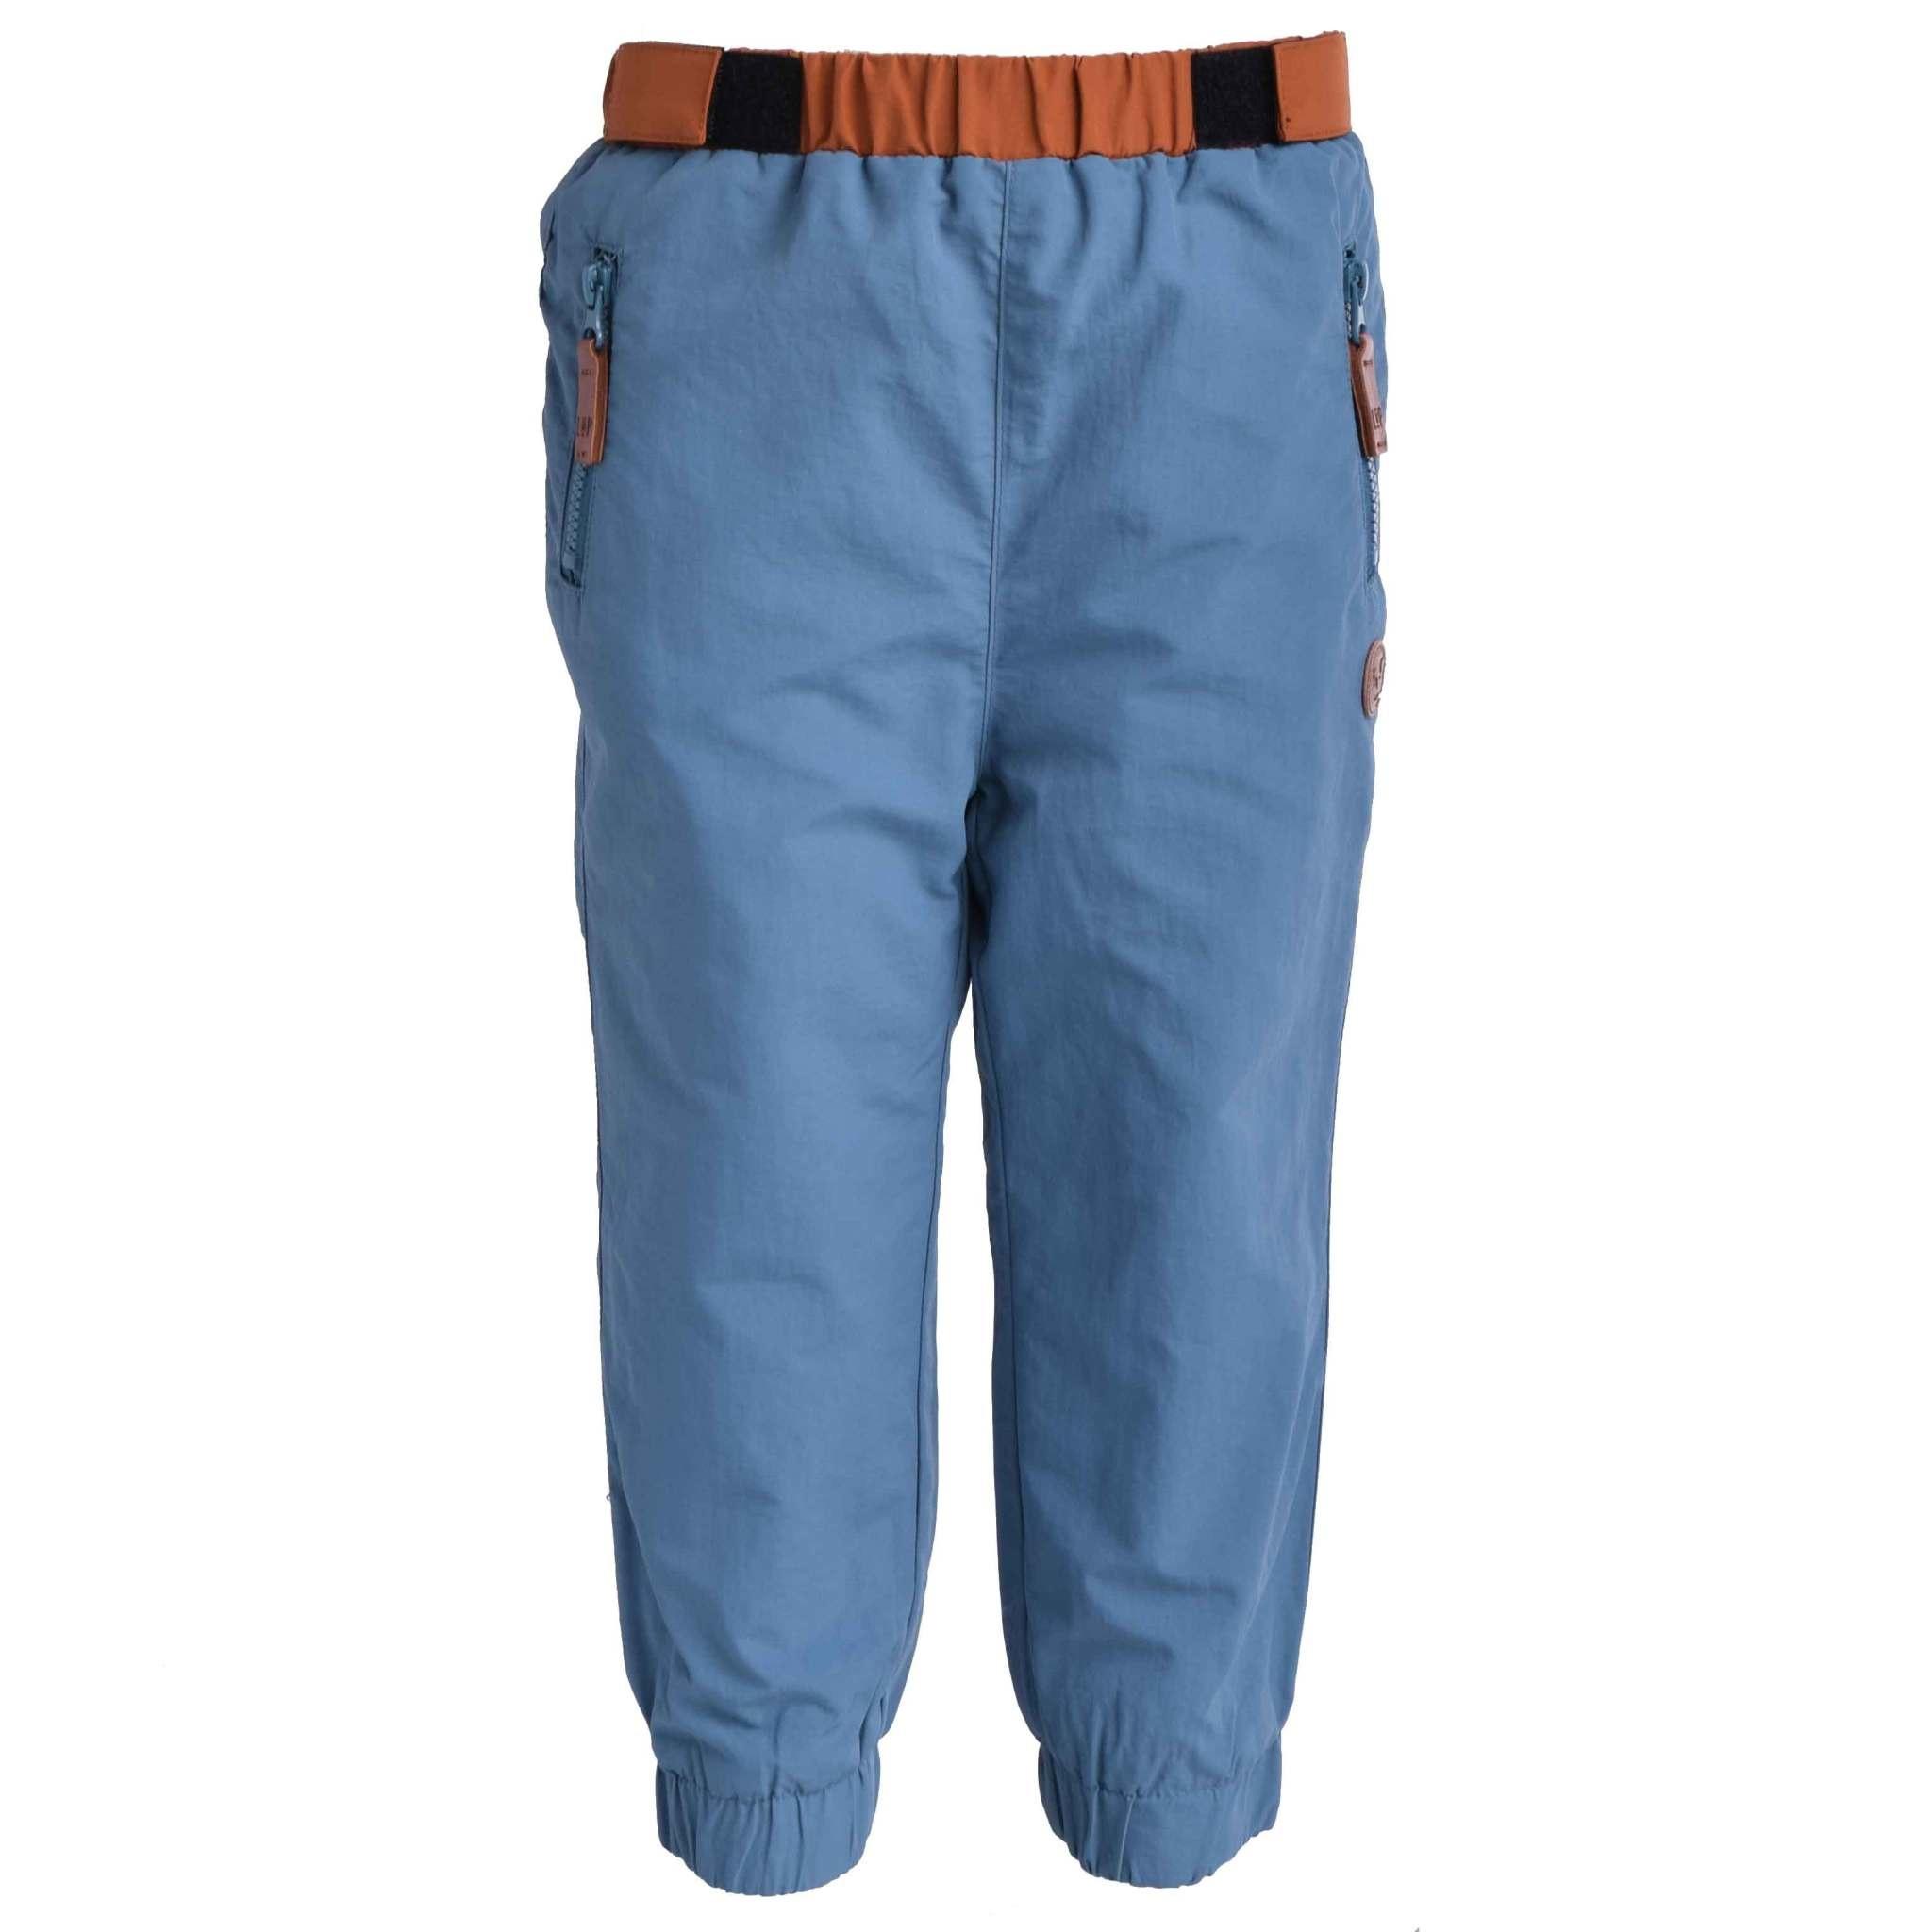 Pantalon D'Extérieur doublé Polar - TWENTY TWO 1.0-7